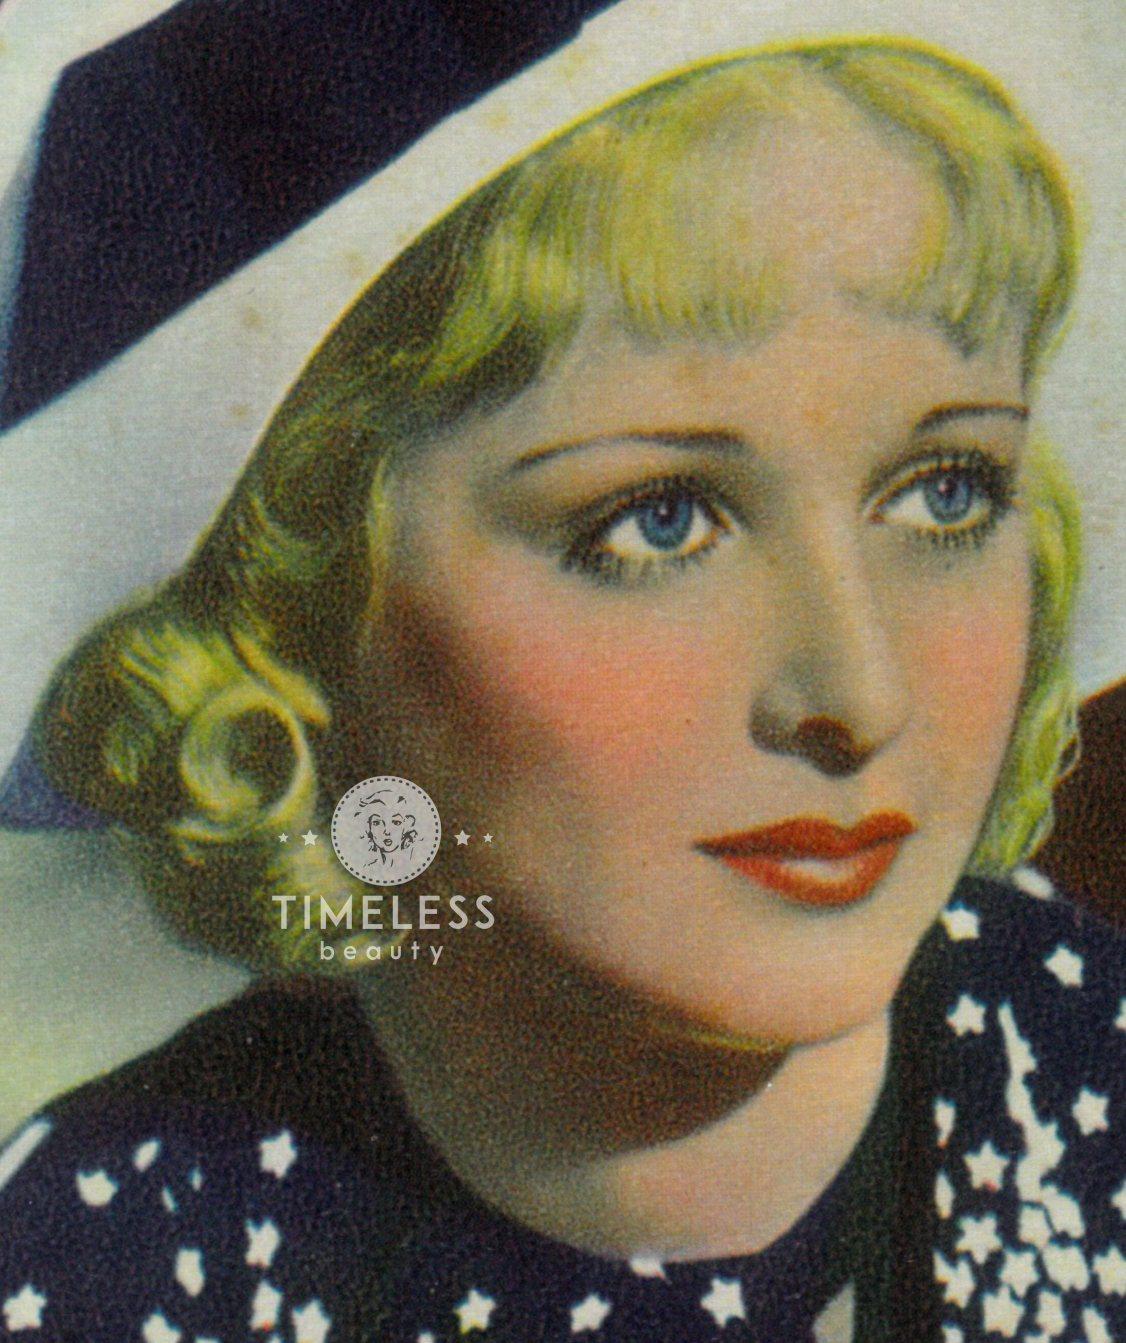 joan-bannet-32-actress